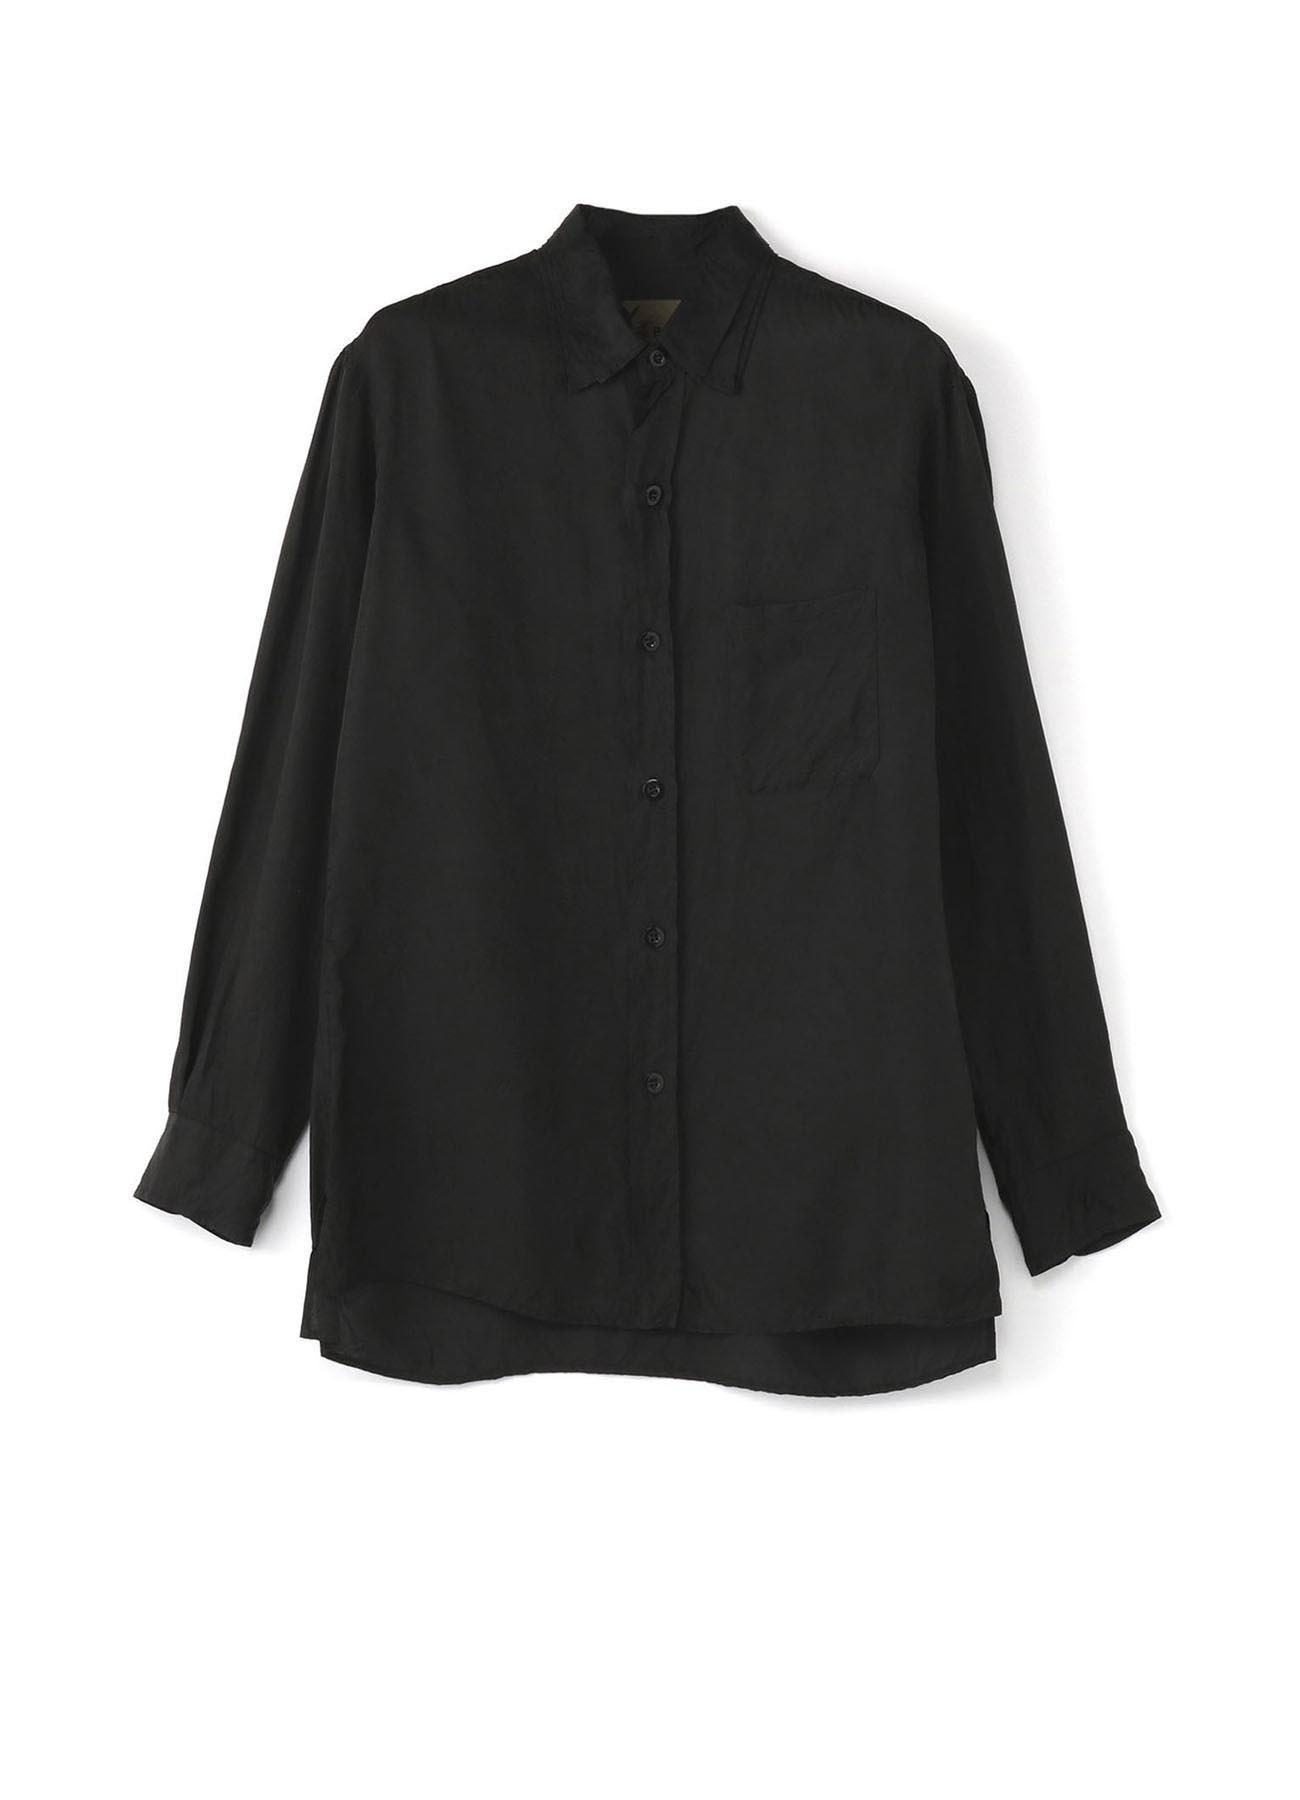 No.2 3 Layered Collar Shirt Yarn-Dyed Cupra